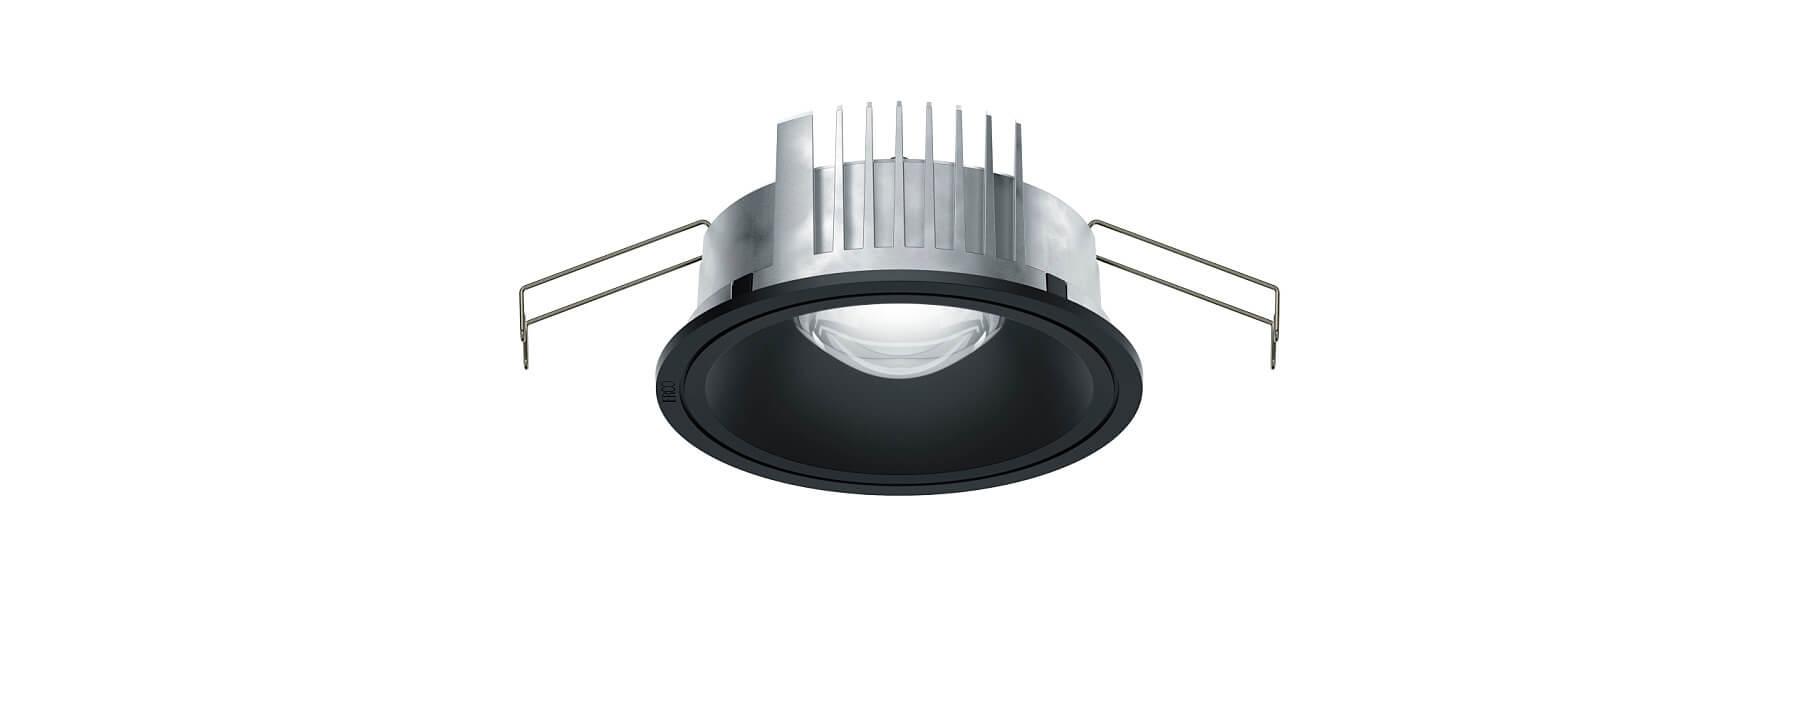 ERCO lighting product skim